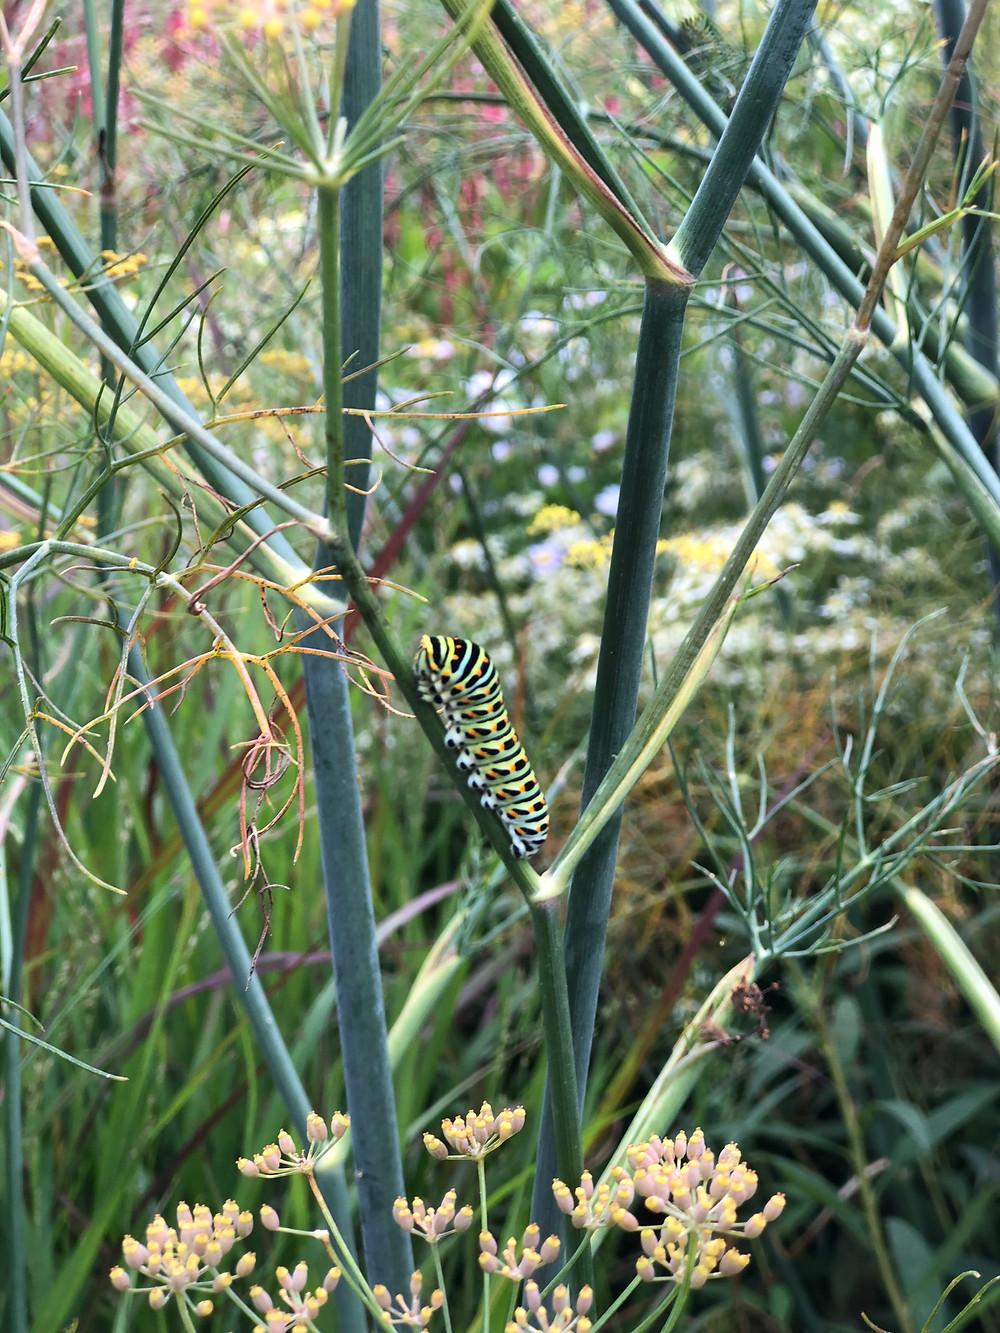 Wil jij ook een vlindervriendelijke tuin en genieten van al dat vrolijke gefladder, maar weet je niet welke planten daar het beste geschikt voor zijn? Lees hier welke vlinder bij welke plant hoort. En tot slot, de geen die we het liefste al-le-maal in onze tuin willen zien: De koninginnenpage. De exotische ster onder de vlinders hier in Nederland. Zet venkel, dille of wortel in je tuin en jawel, daar komen ze al. Een mooie gecultiveerde versie van de venkel is Foeniculum 'Giant Bronze'. Daar wordt je tuin mooi van, komt de koninginnenpage op af én je kan je salade extra lekker maken met de bloemetjes van deze plant. Je vraagt je bijna af waarom je hem niet in je tuin zou zetten. ( owja hij kan nogal woekeren, maarja waar je de plant niet wilt hebben kan je hem ook makkelijk weghalen )